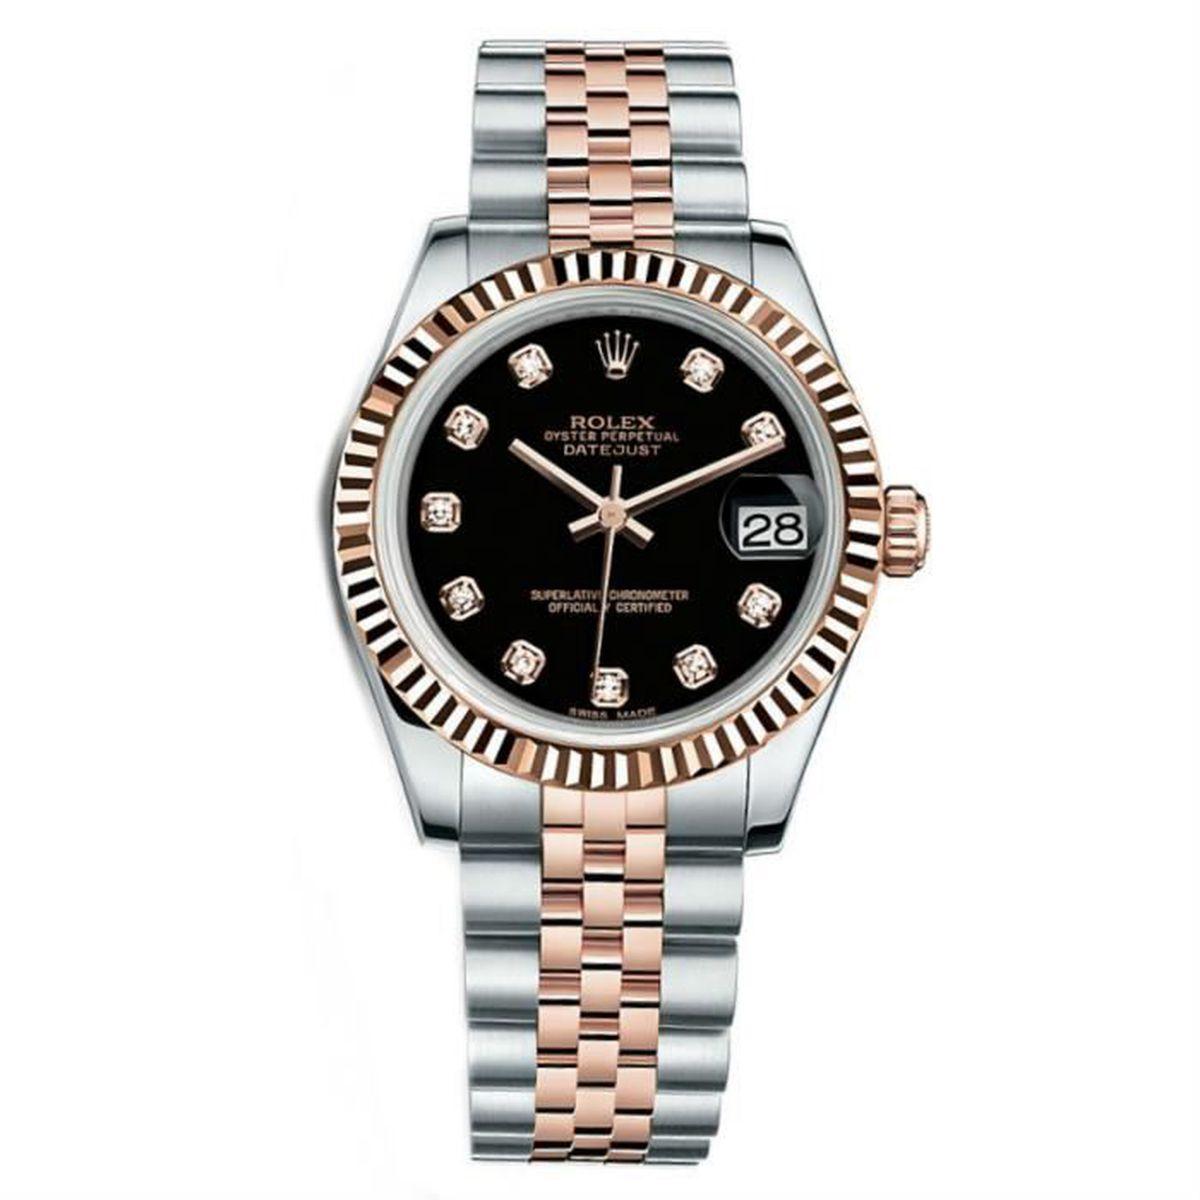 e25641479c5 Rolex Lady Datejust m178271-0017 Montre - Achat   Vente montre Rolex ...